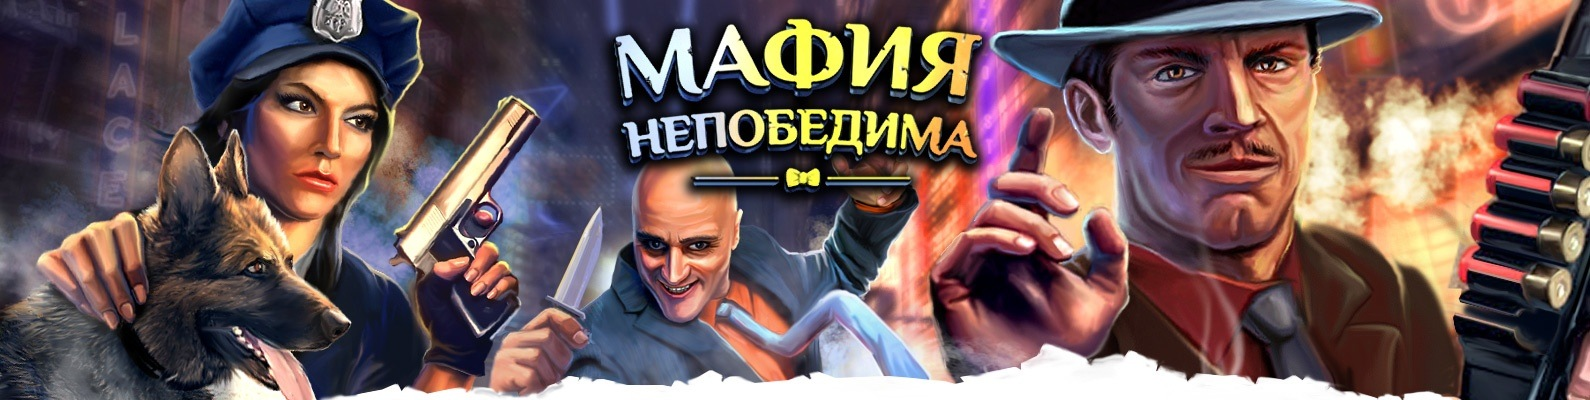 Мафия Непобедима | ВКонтакте